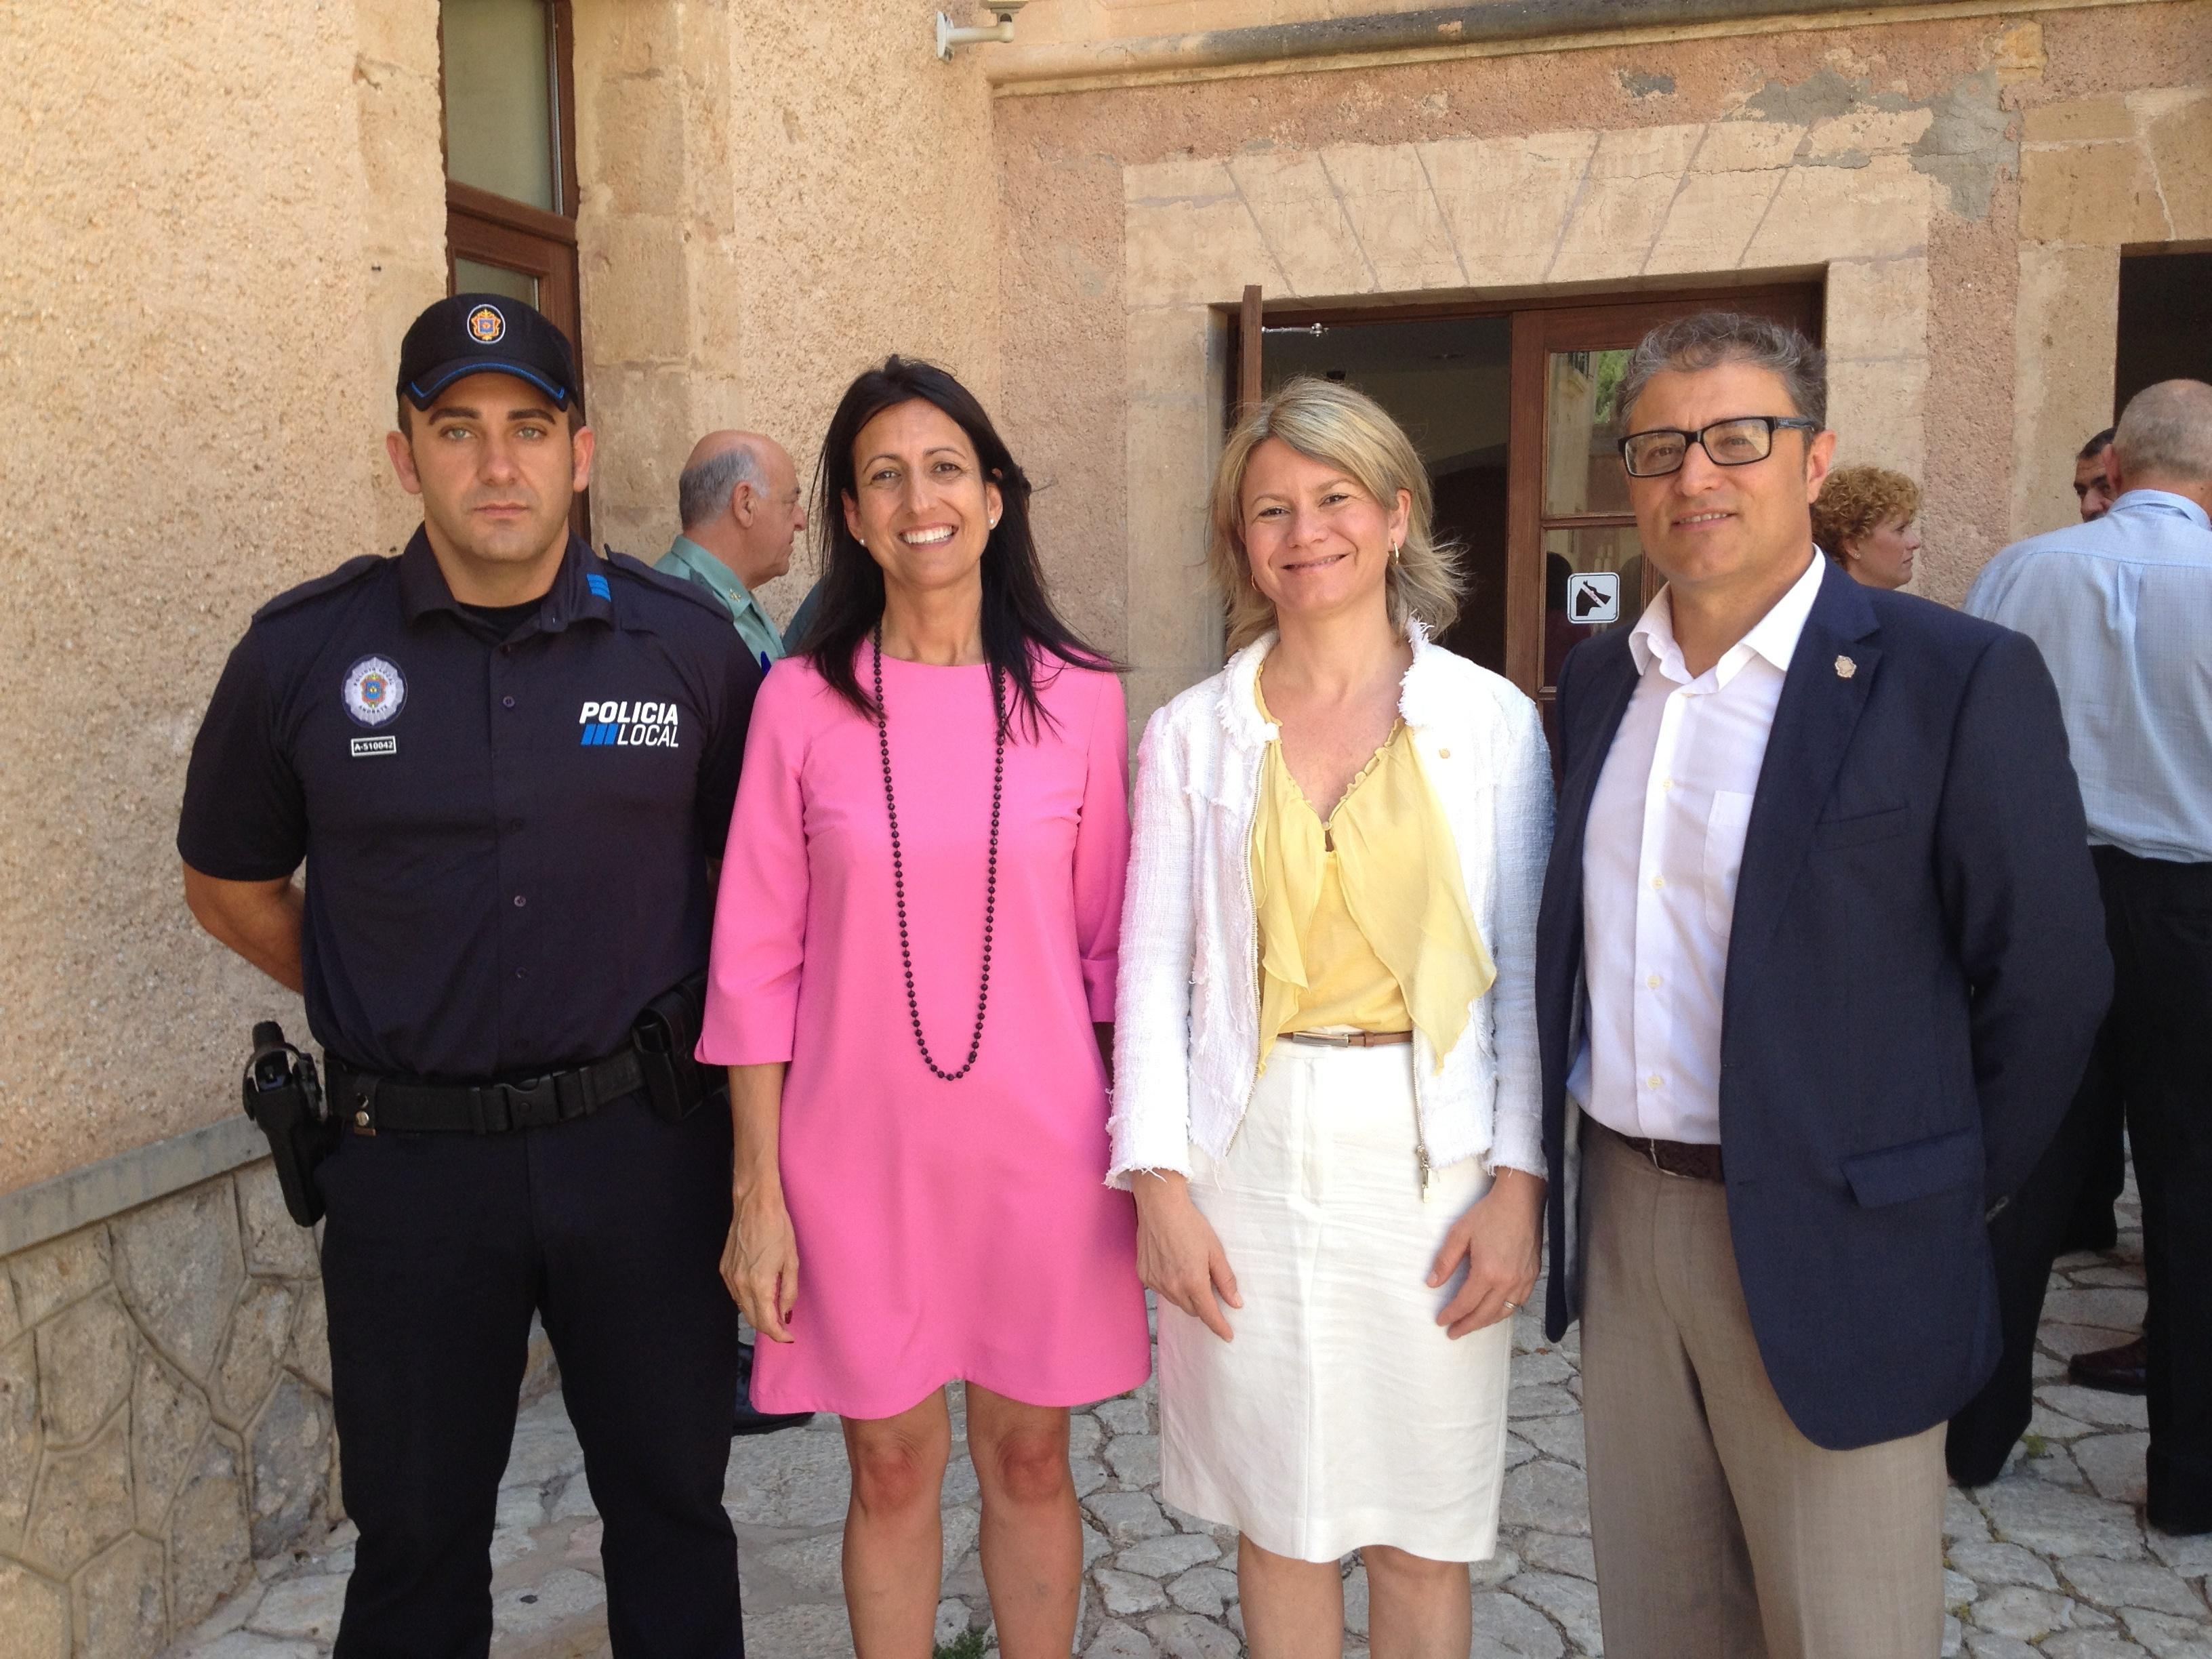 El Govern presenta el servicio piloto de Policía especializada en la seguridad turística